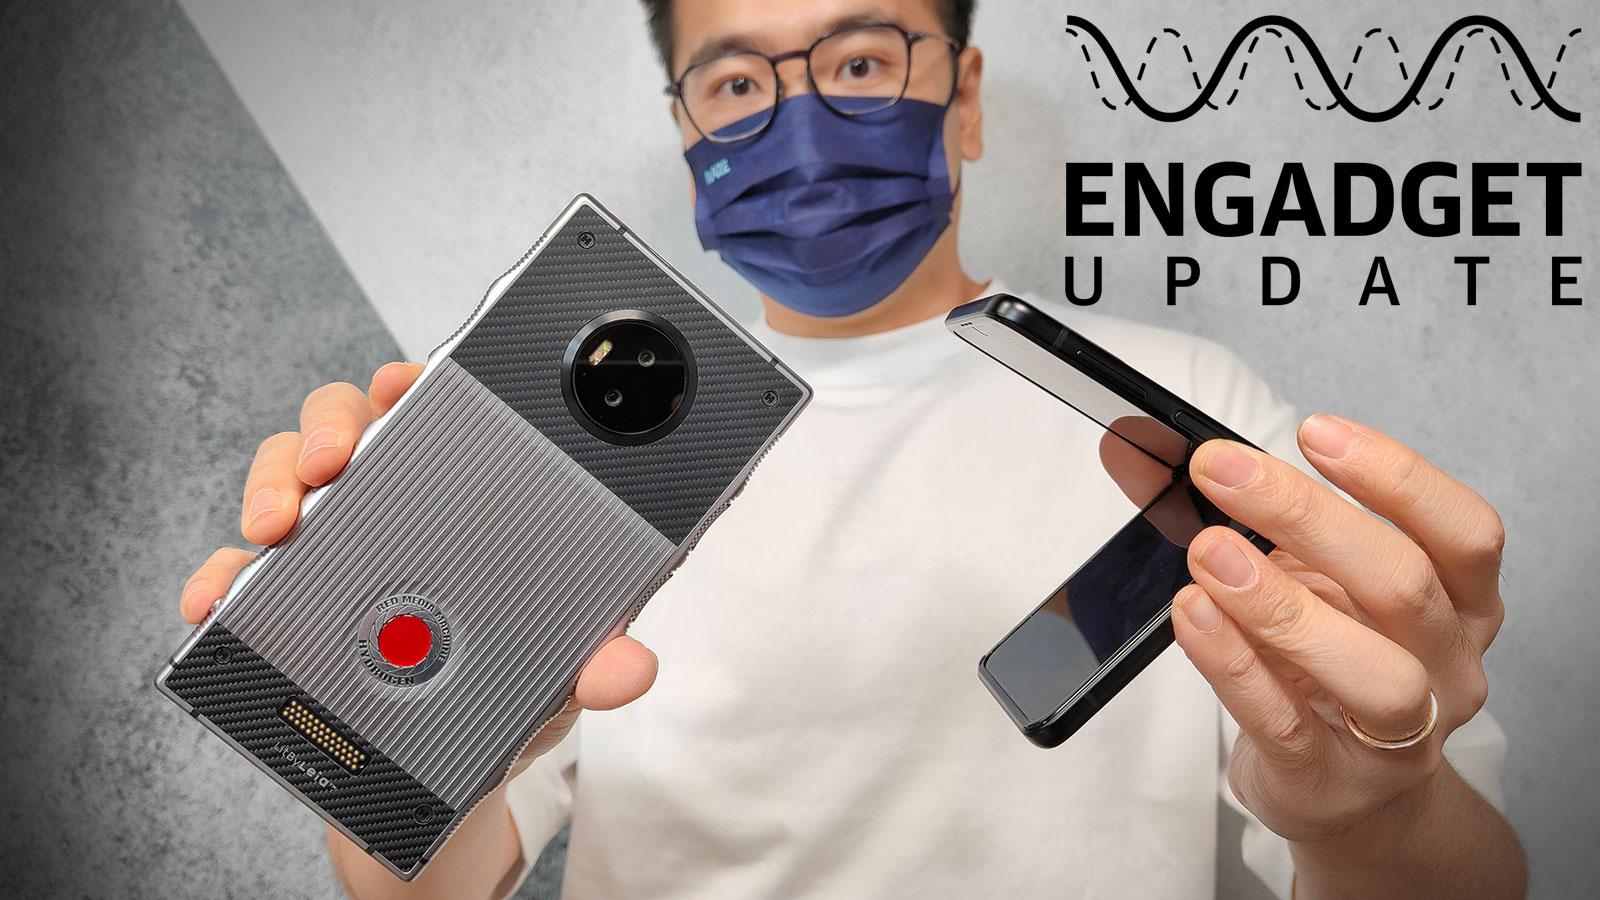 手機尺寸五花八門,有大的、有小的、有可以變形的,甚至有的是放縱地巨大!到底什麼尺寸的手機才最合手型呢?我們 Engadget 中文版線輯「玩機」無數,今天就來跟大家分享一下感受吧。